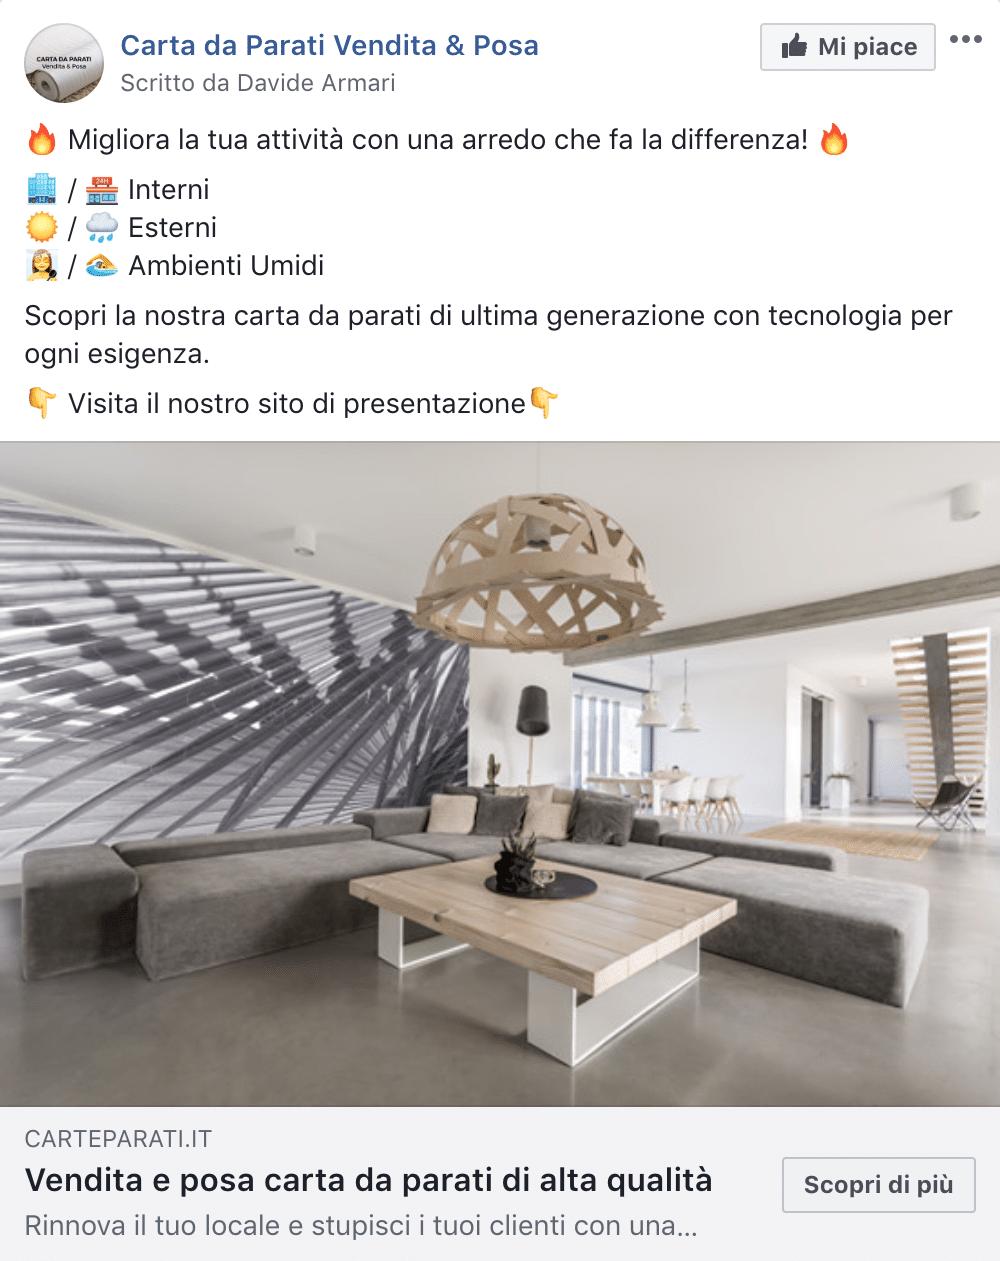 Esempio Servizi per AttivitàPagina Facebook: Carta da Parati Vendita & Posa